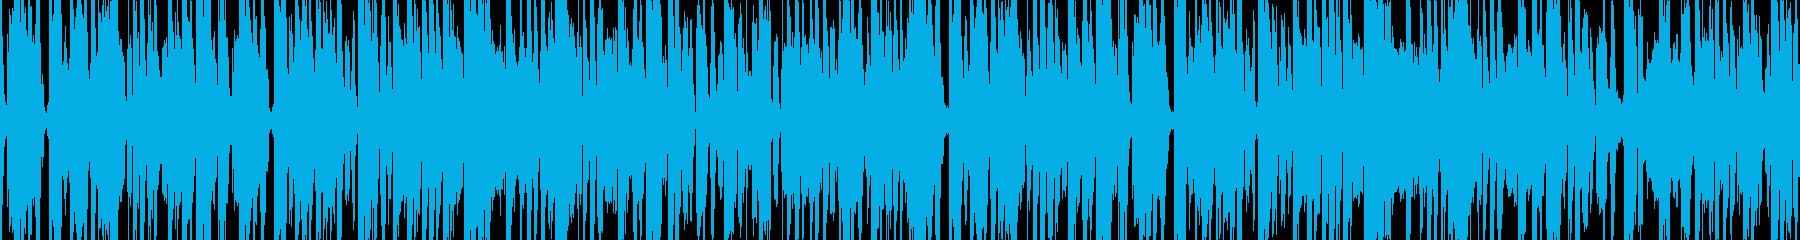 ファンクなグルーヴとトランペットのBGMの再生済みの波形